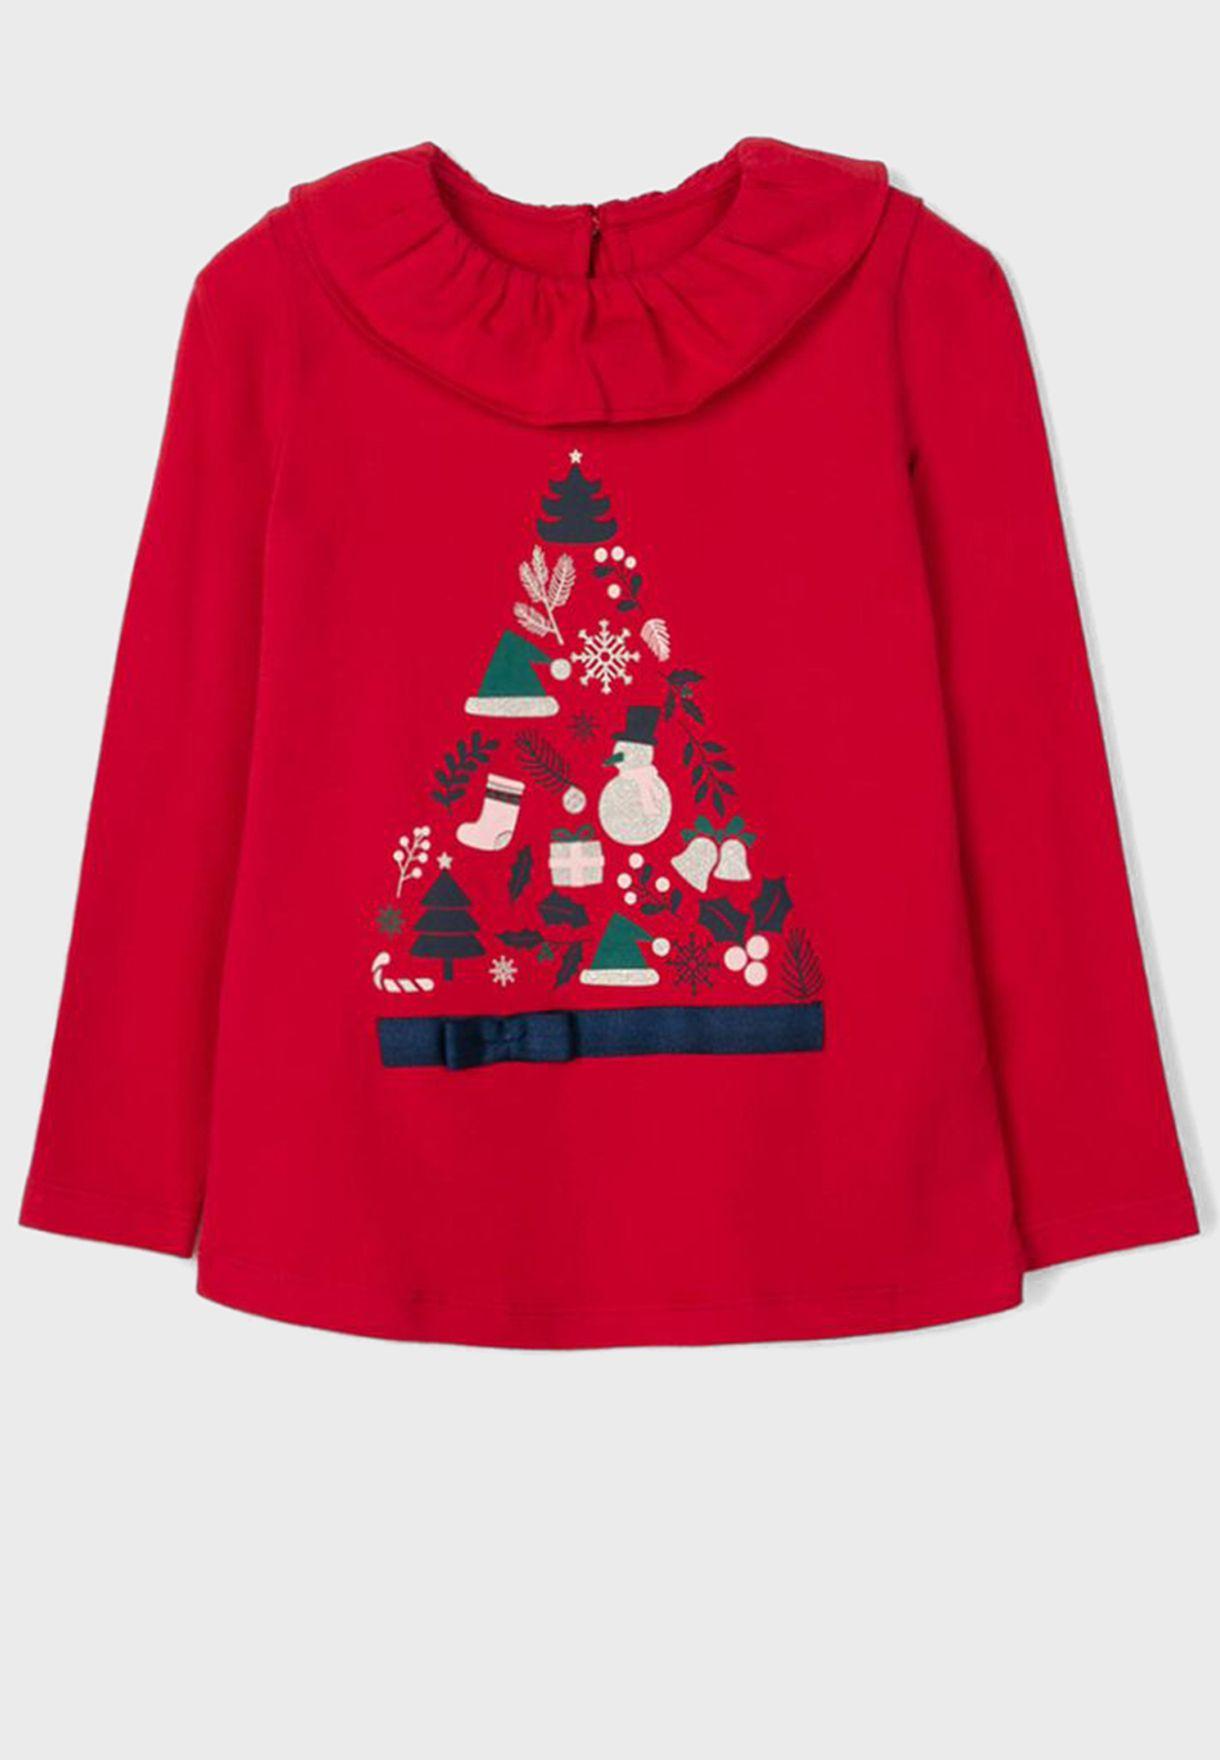 Kids Christmas Top